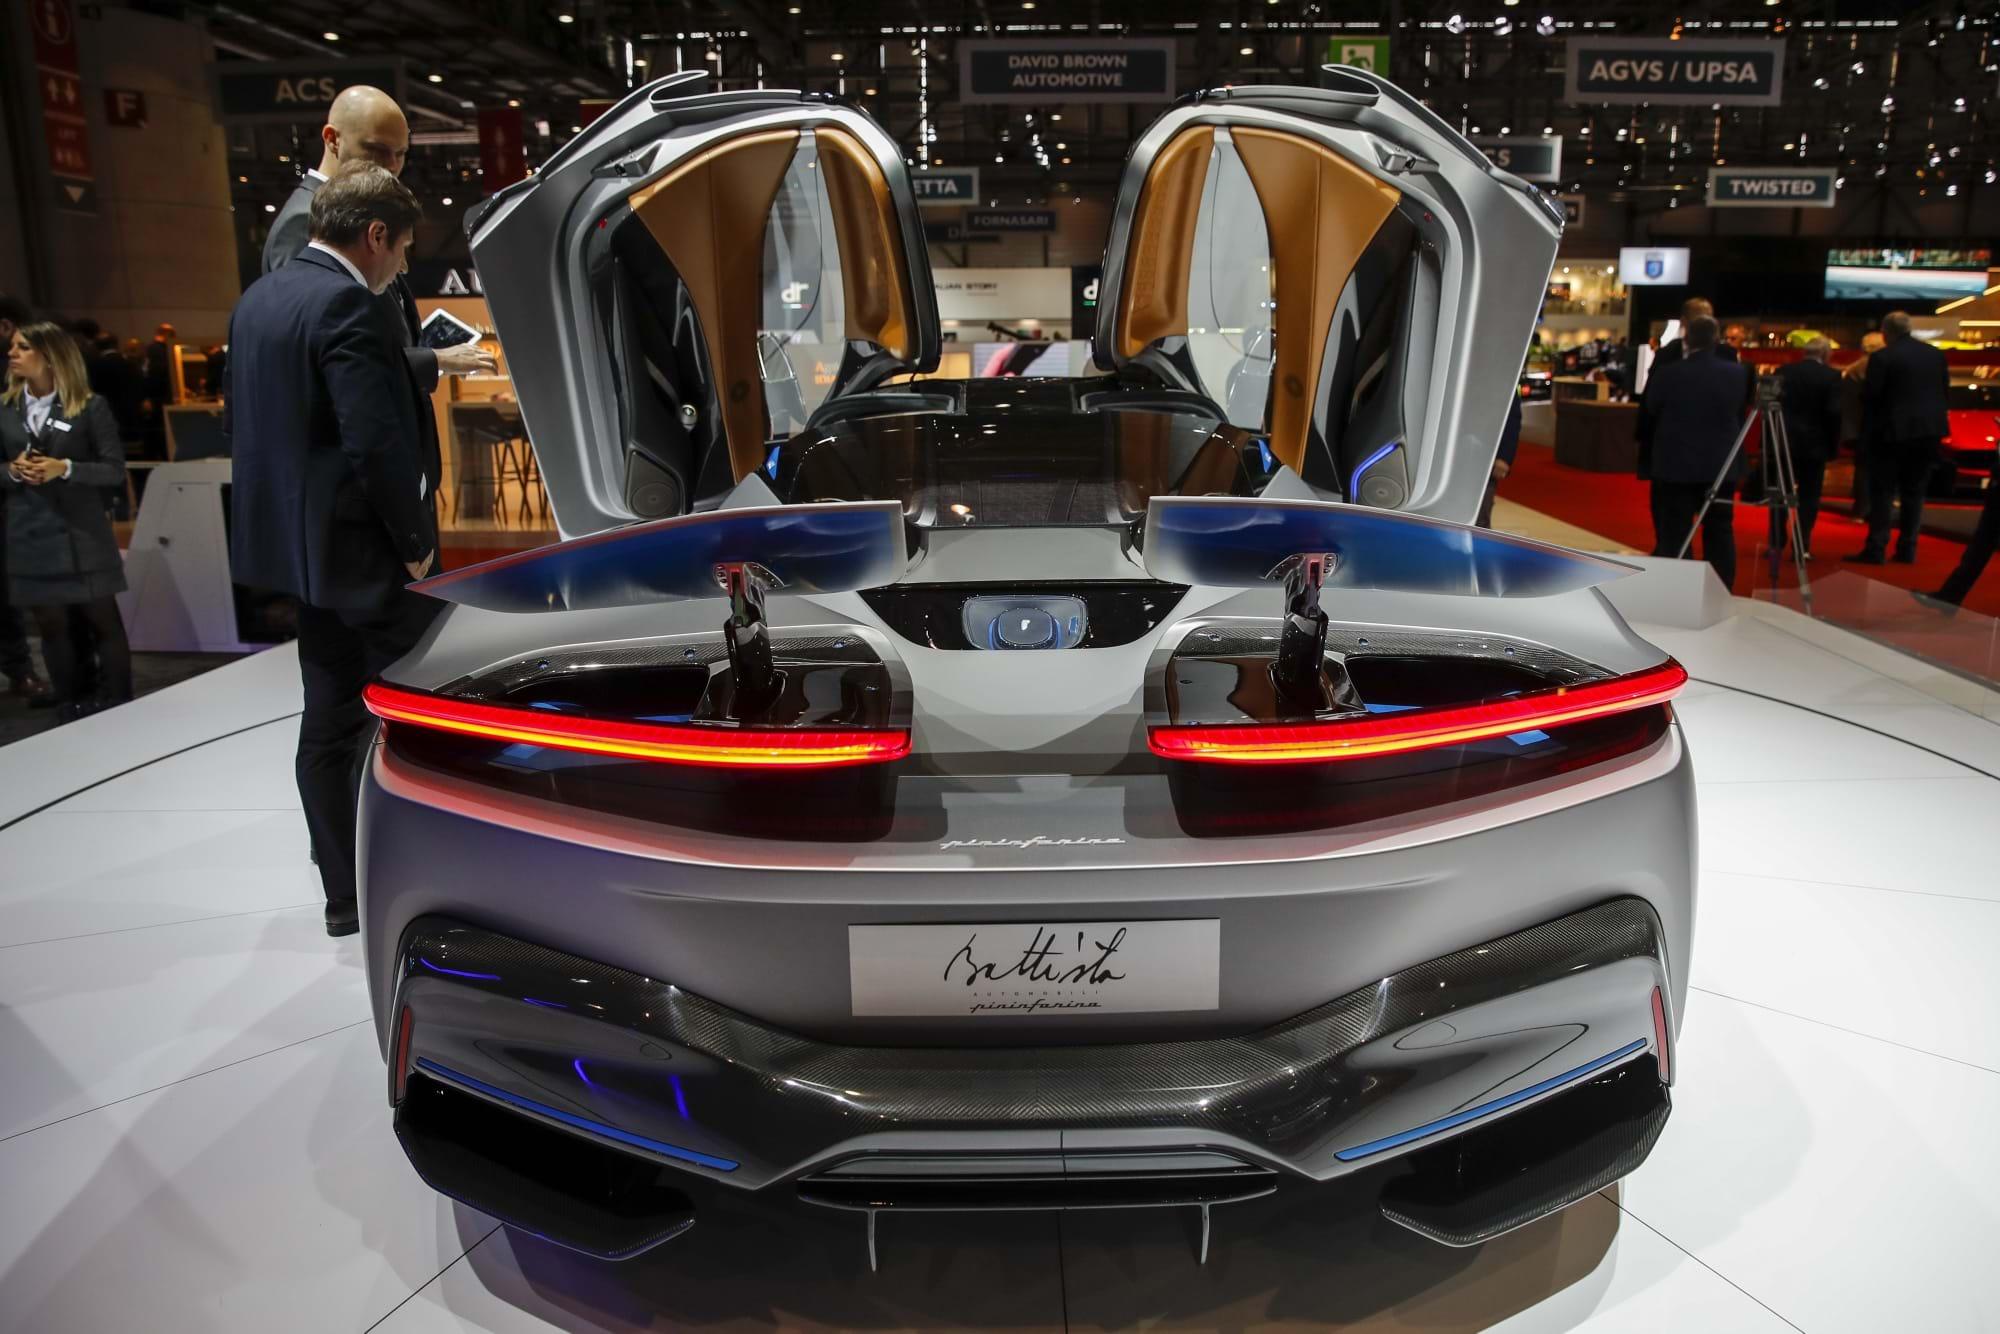 Os super-carros mais espectaculares do Salão de Genebra 2019